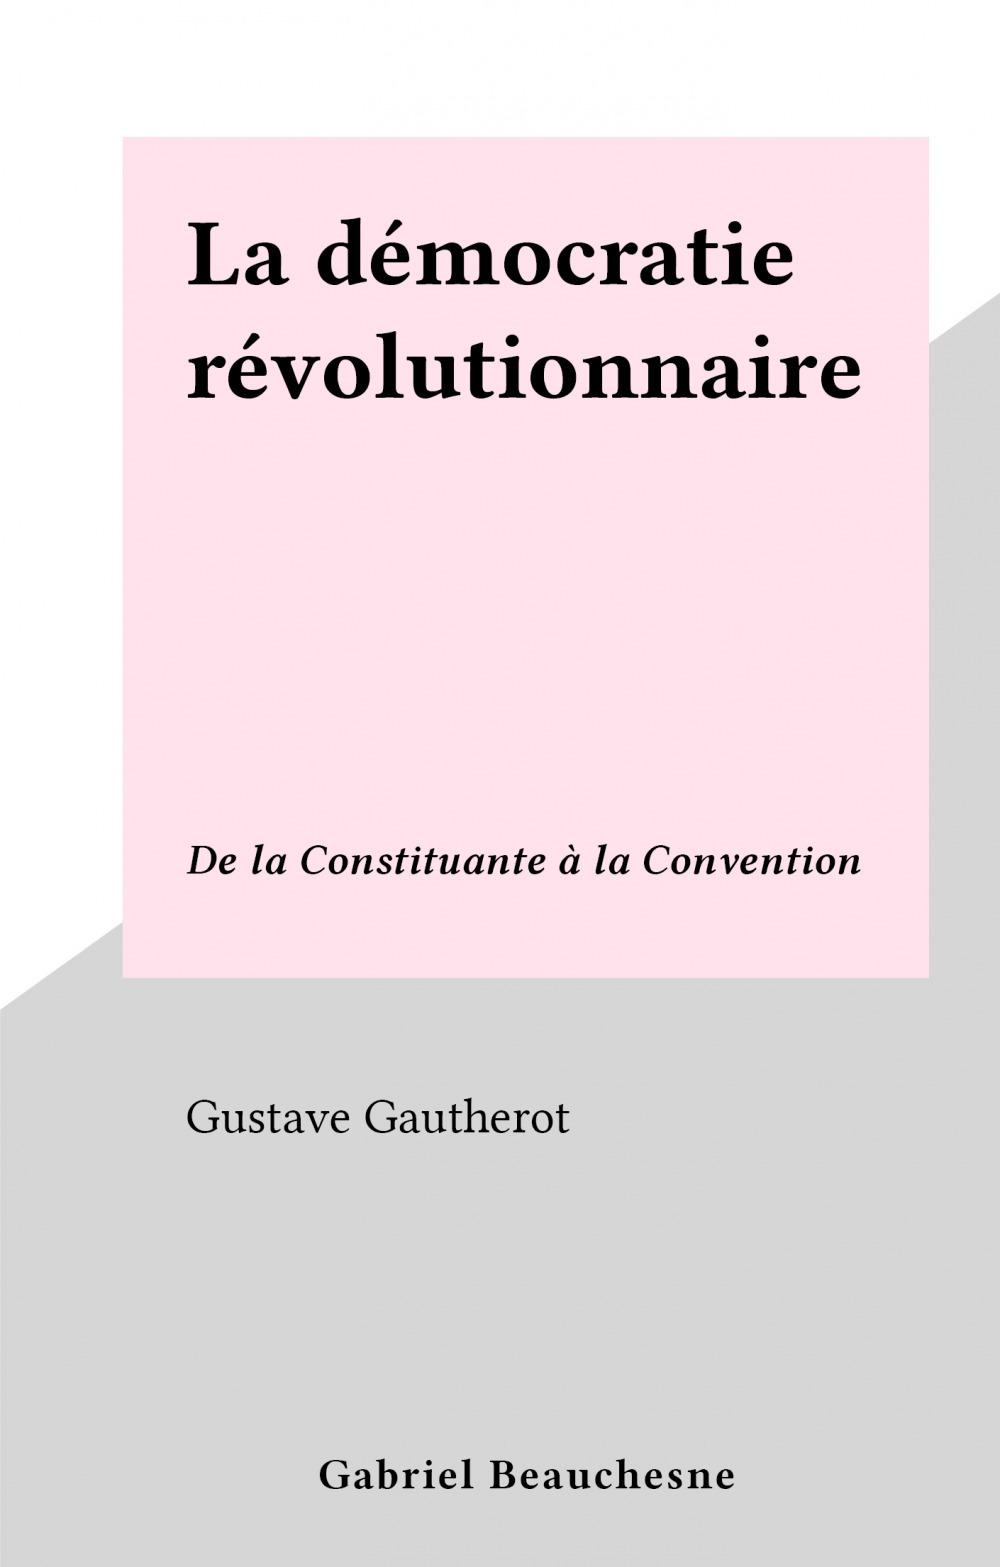 La démocratie révolutionnaire